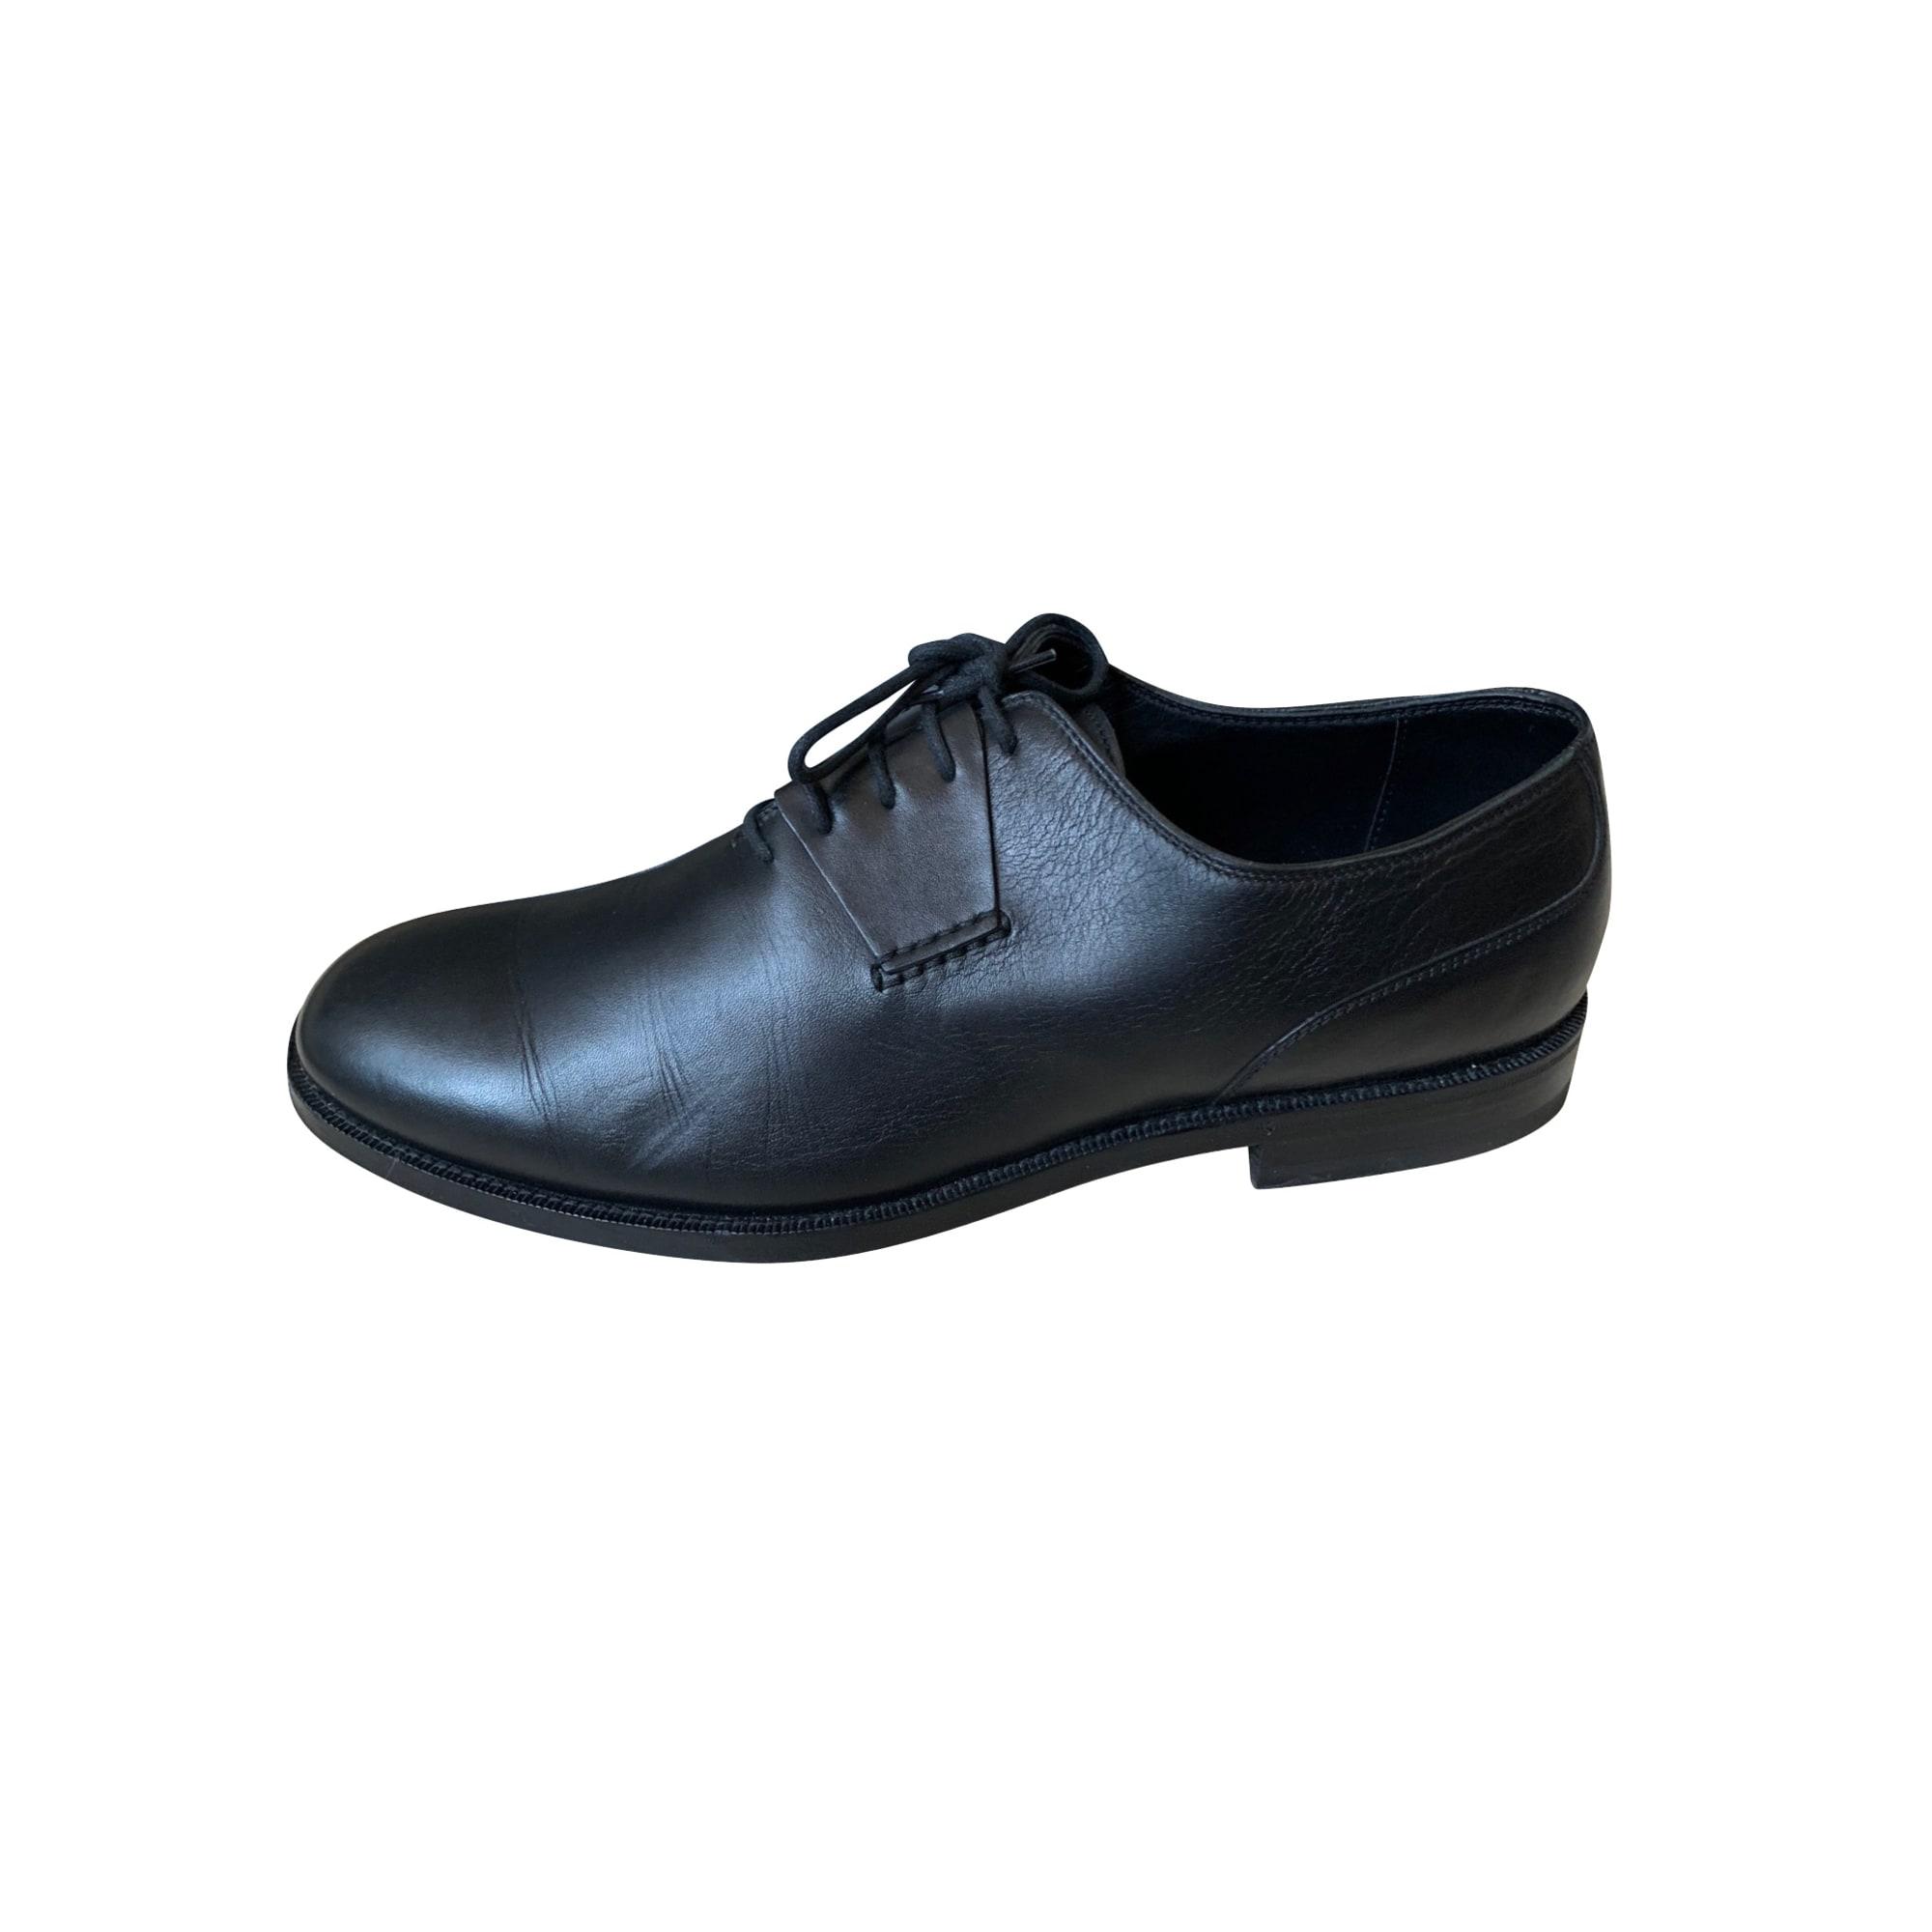 Chaussures à lacets BOTTEGA VENETA Noir